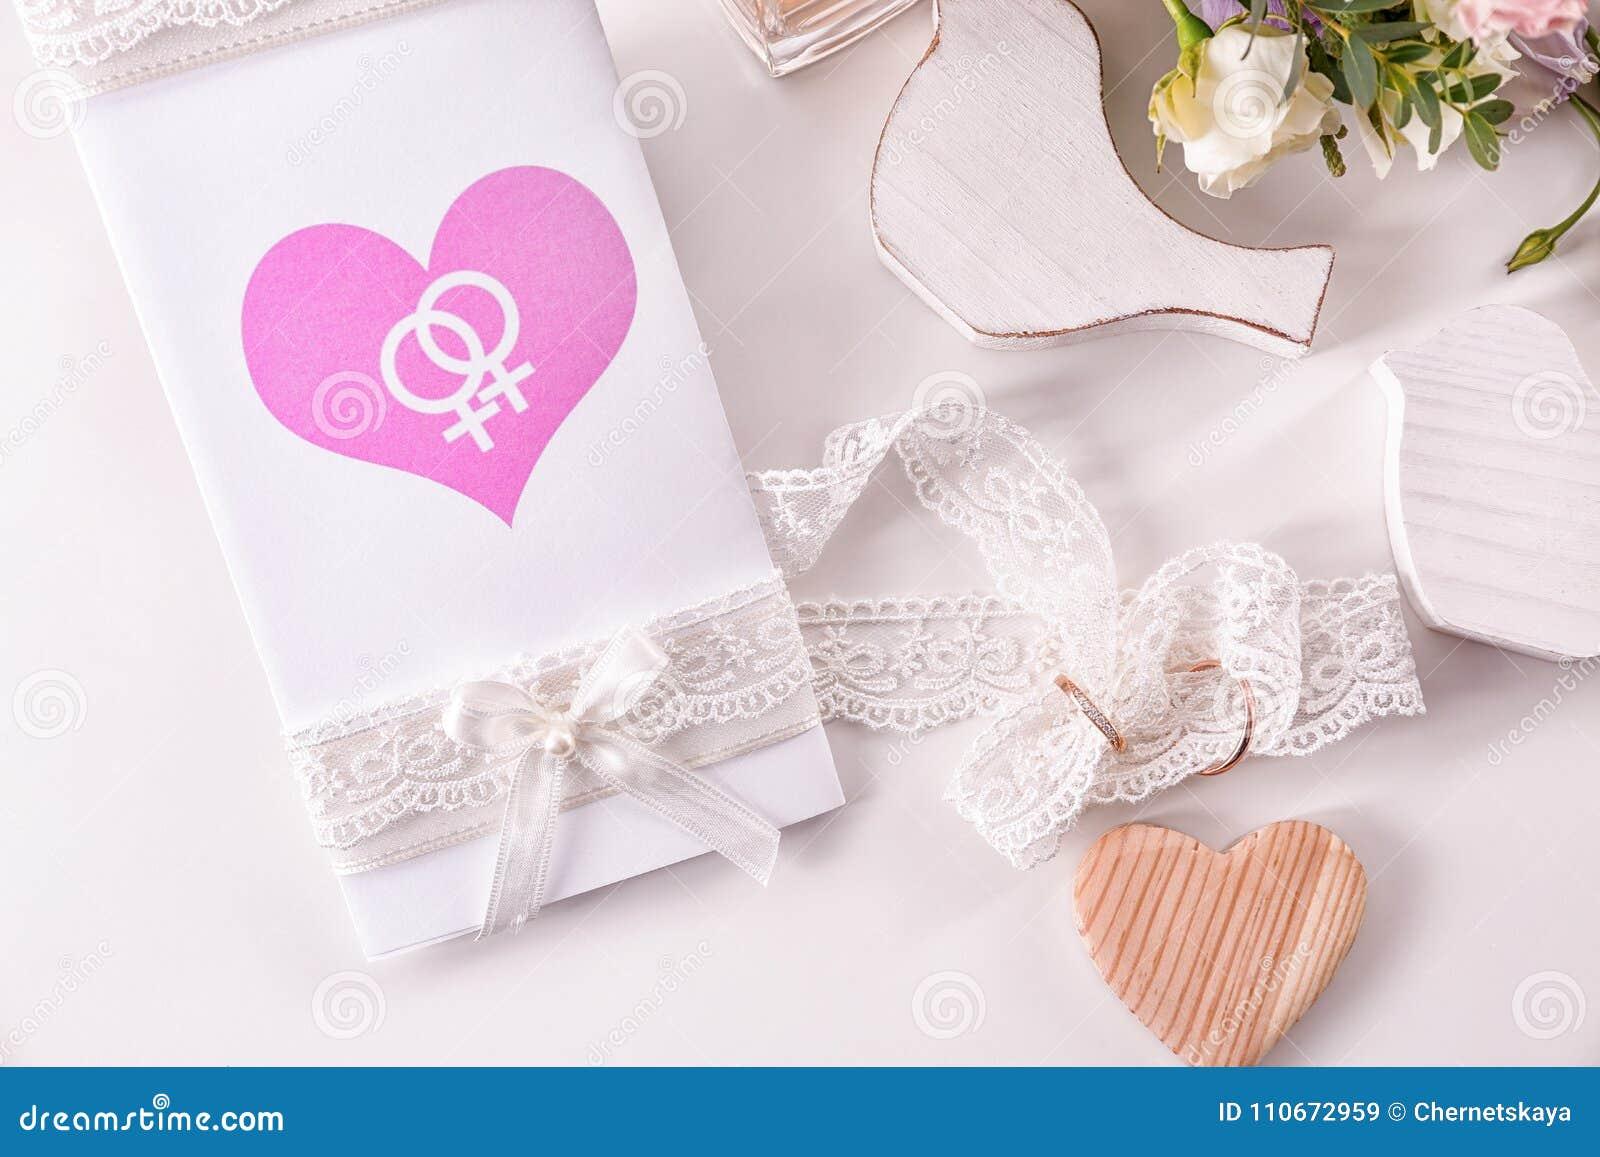 Μεγάλος κώλος, Μαλακία με το δάχτυλο για γυναίκες, Φιλί, Λεσβία, Γλείψιμο, 7:30 Δονητής, Φετιχ, Gaping, Αυνανισμός, Ώριμη γυναίκα, Εκτός, Ισπανικό, Βυζιά.